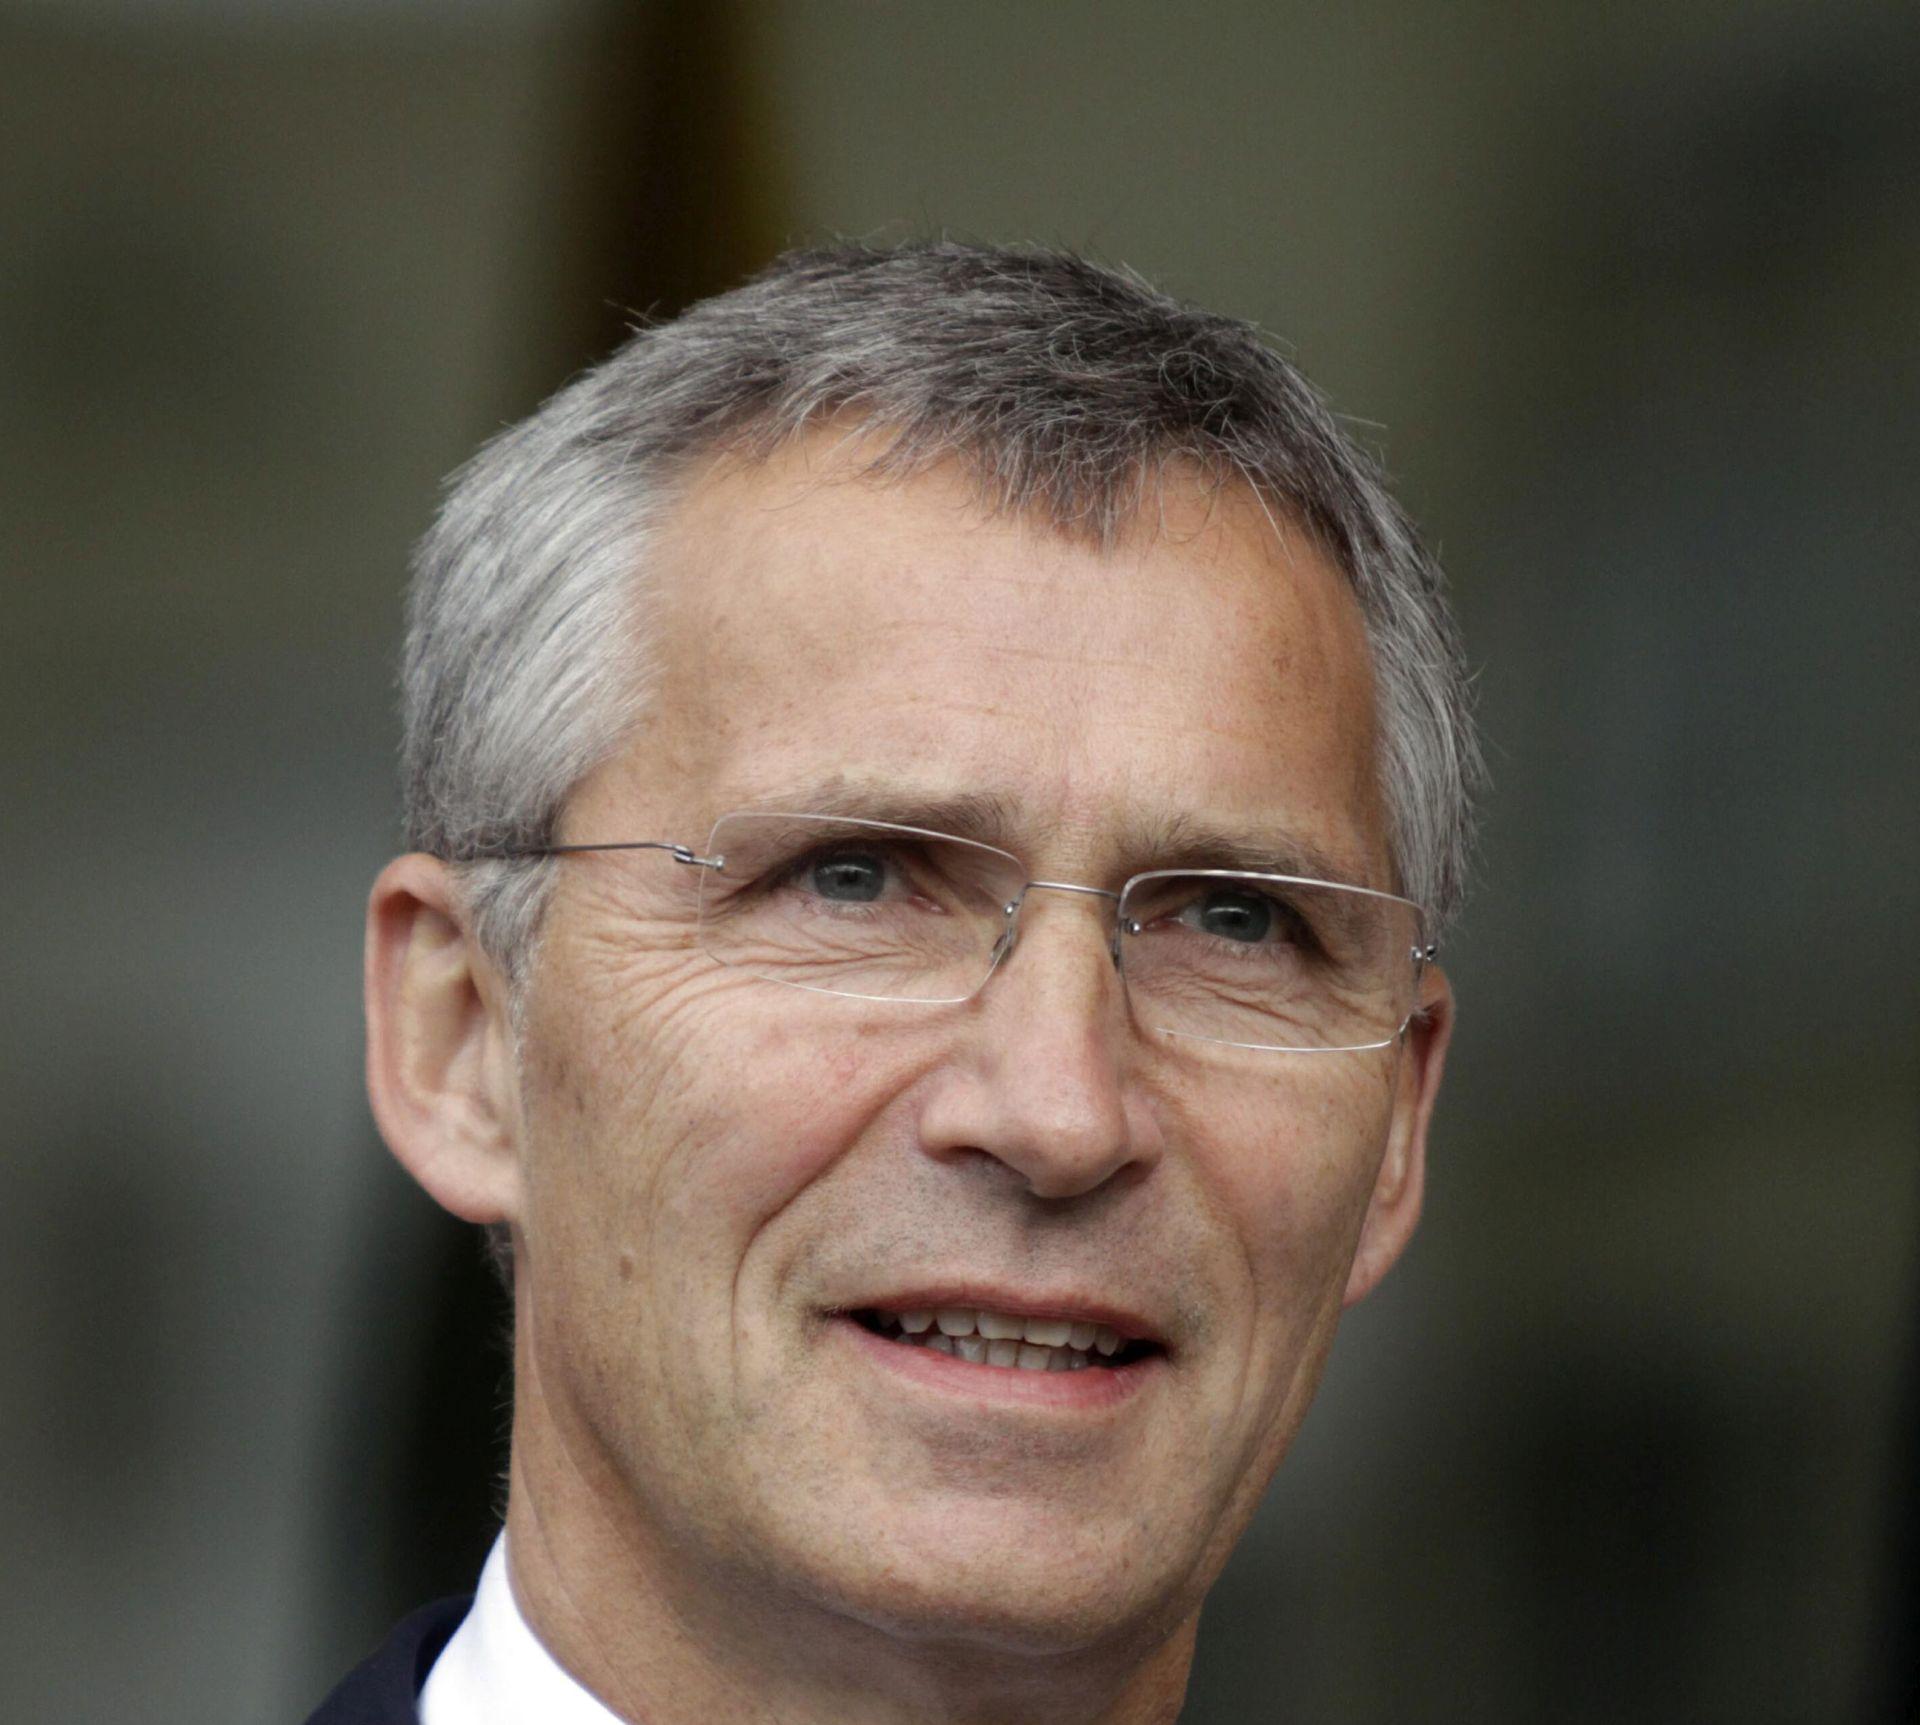 STOLTENBERG DOGOVARA ZAJEDNIČKE VJEŽBE? Glavni tajnik NATO-a ide u posjet Ukrajini